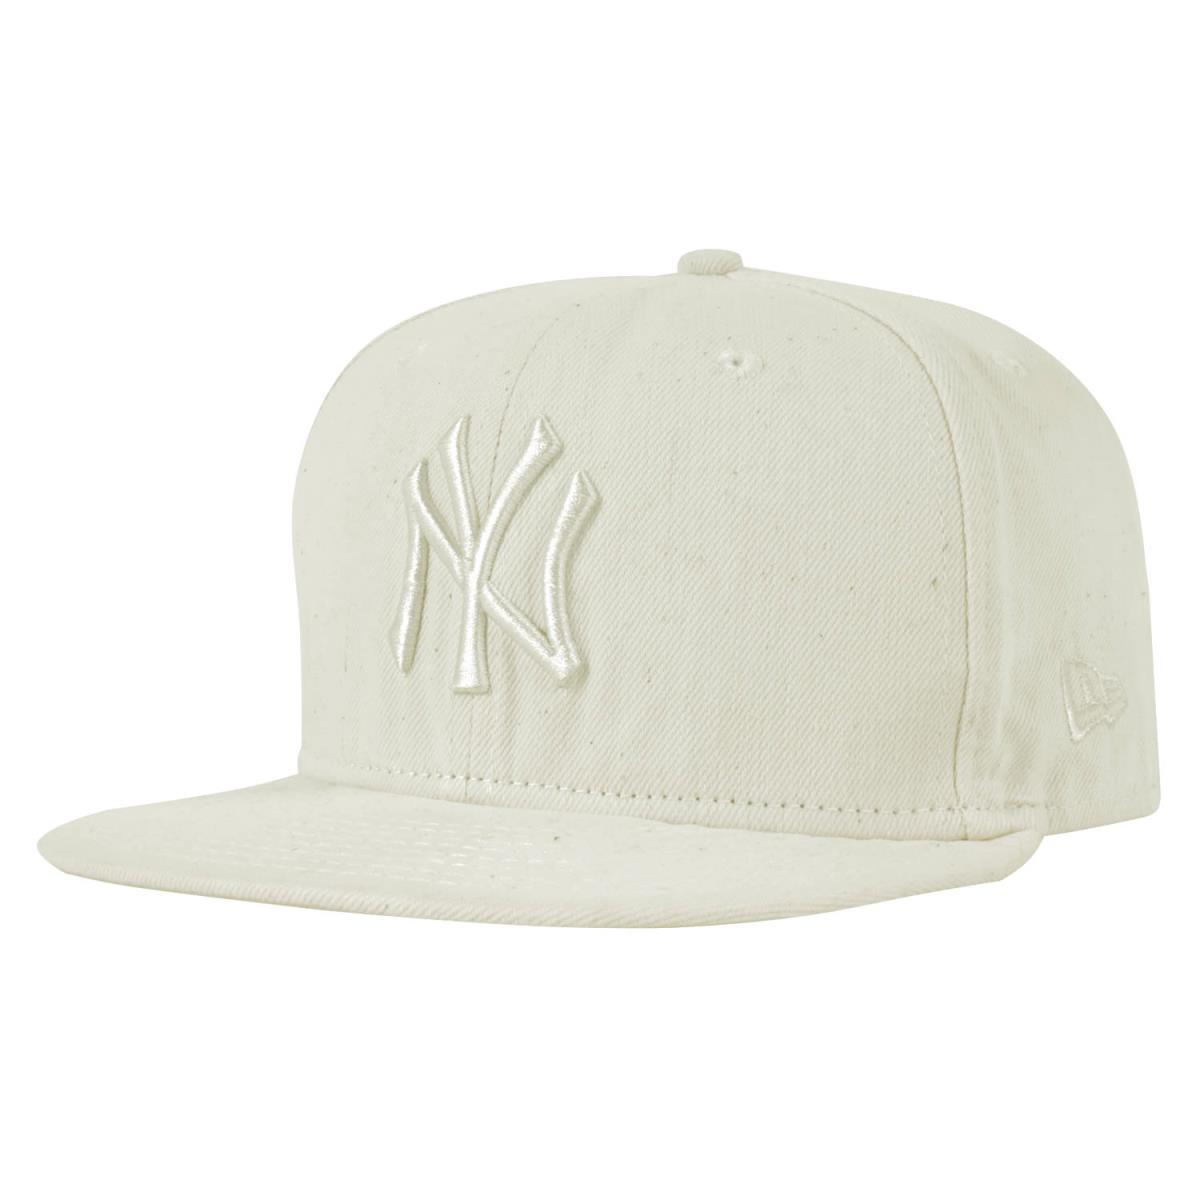 メンズ帽子, キャップ Fashion THE SALE10OFFGANRYU COMME des GARCONS NEW ERA NY 59FIFTY EO-K602 15SS 7 38 58.7cm K2669